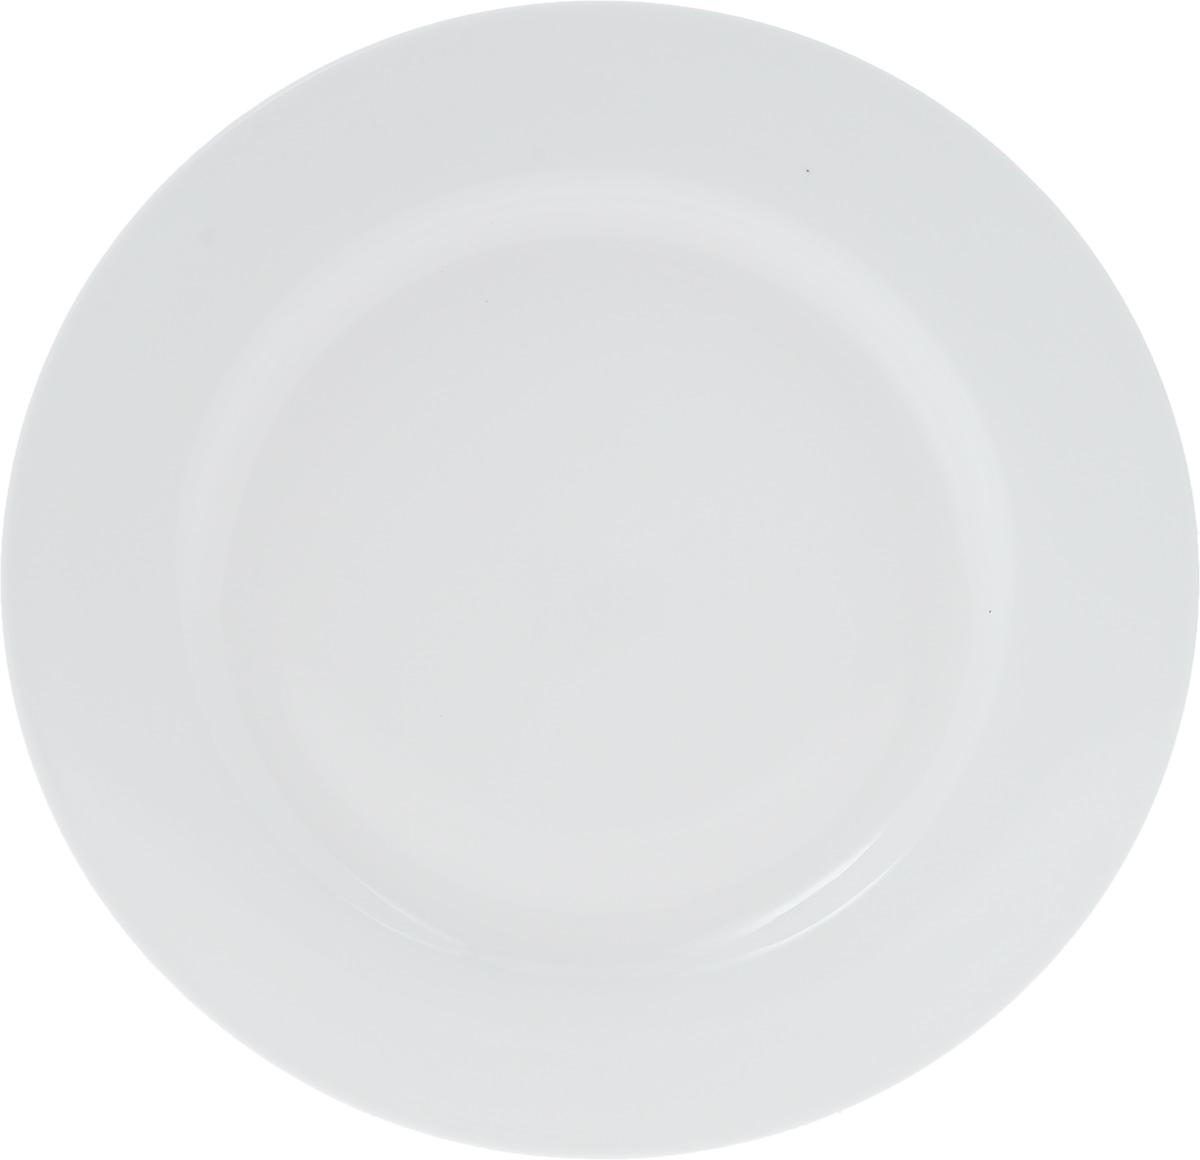 Тарелка Wilmax, диаметр 28 см. WL-991181 / A16590650Тарелка Wilmax, изготовленнаяизвысококачественного фарфора, имеет классическую круглую форму.Оригинальный дизайн придется по вкусу иценителямклассики, и тем, кто предпочитает утонченность и изысканность.Тарелка Wilmax идеальноподойдет для сервировкистола и станет отличным подарком к любомупразднику.